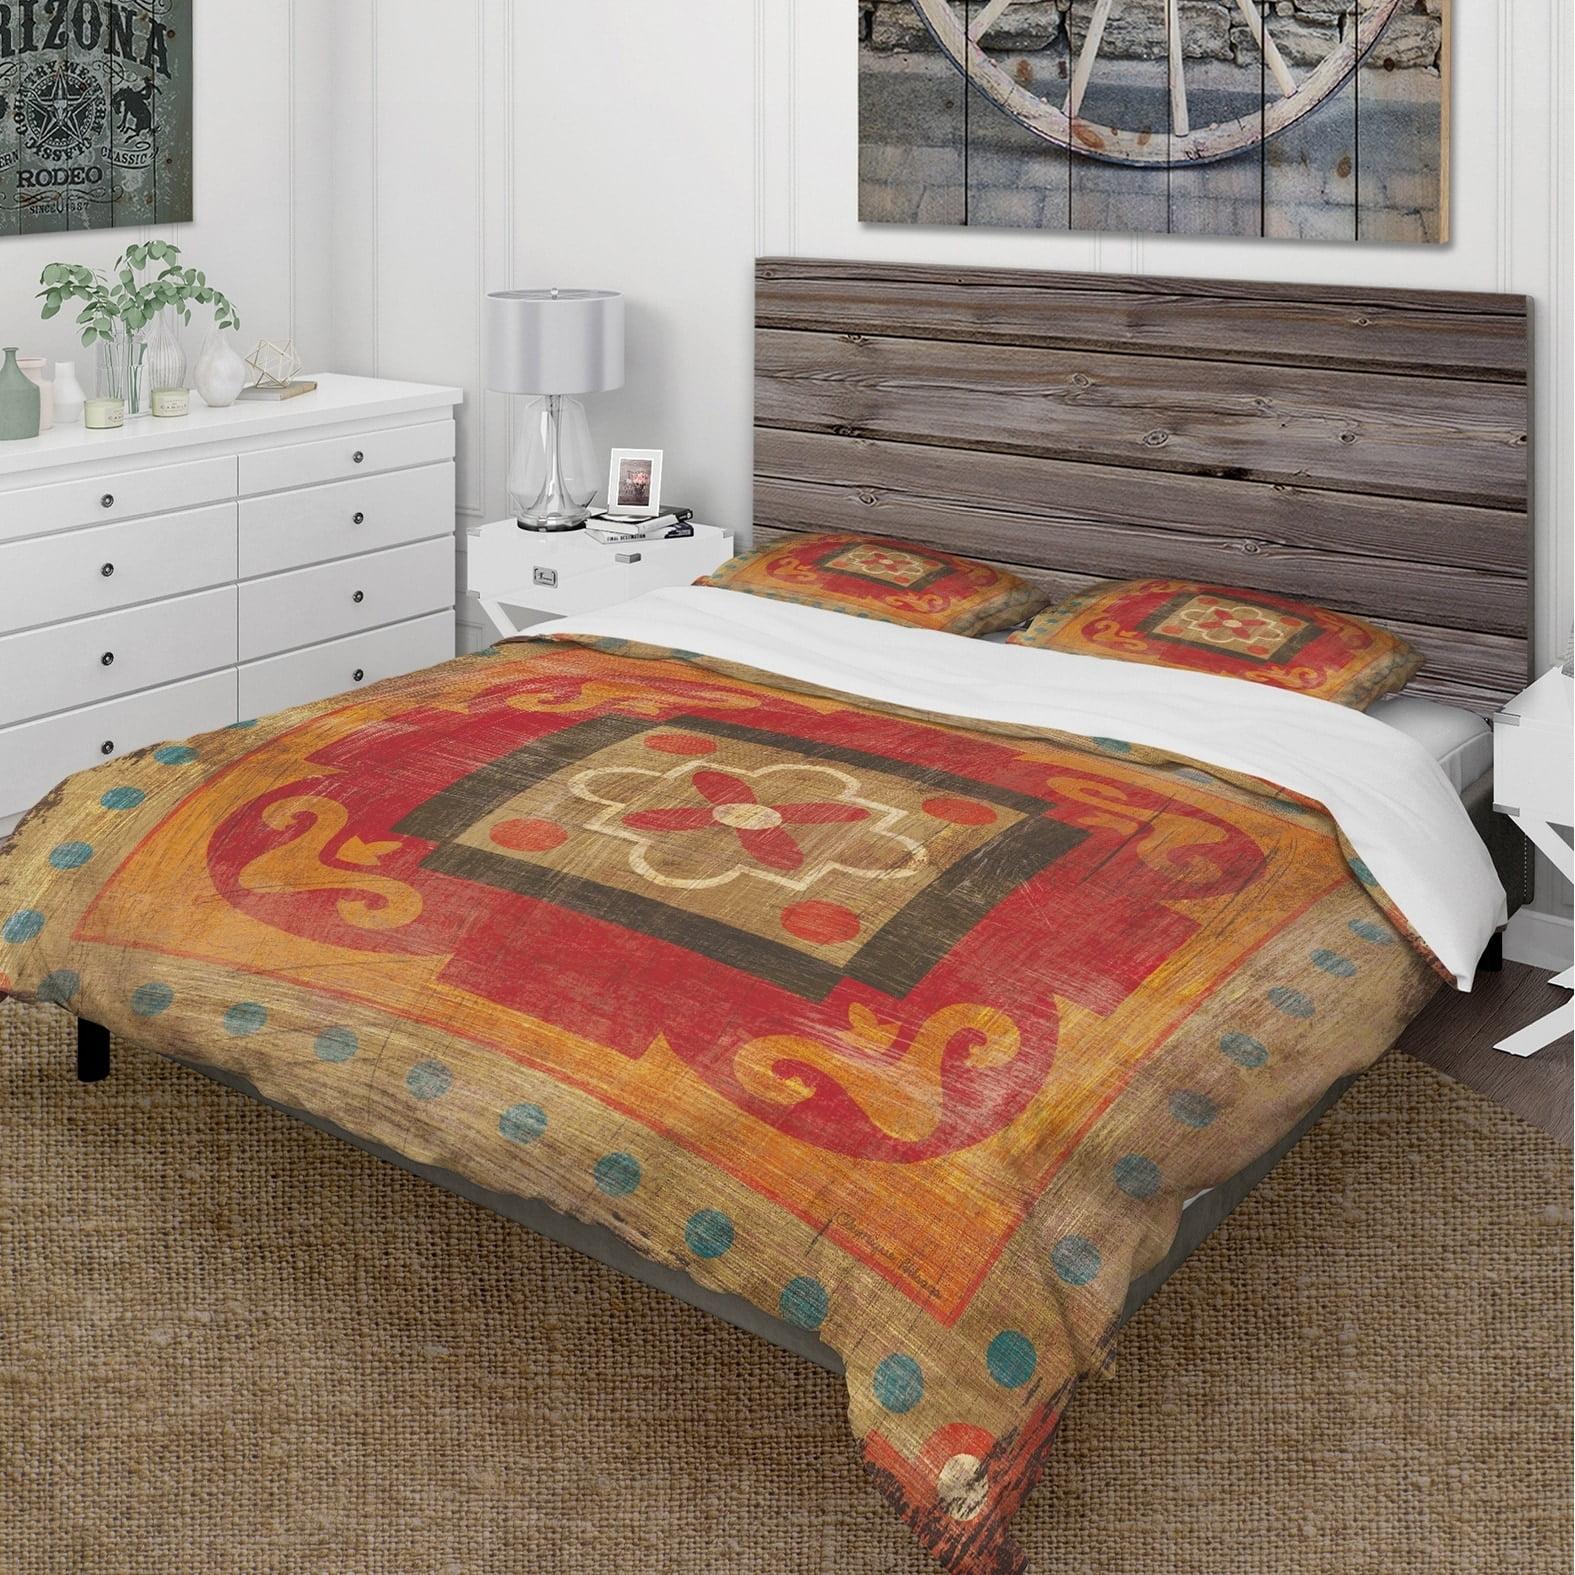 DESIGN ART Designart 'Moroccan Orange Tiles Collage II' Cottage Bedding Set Duvet Cover & Shams by Overstock